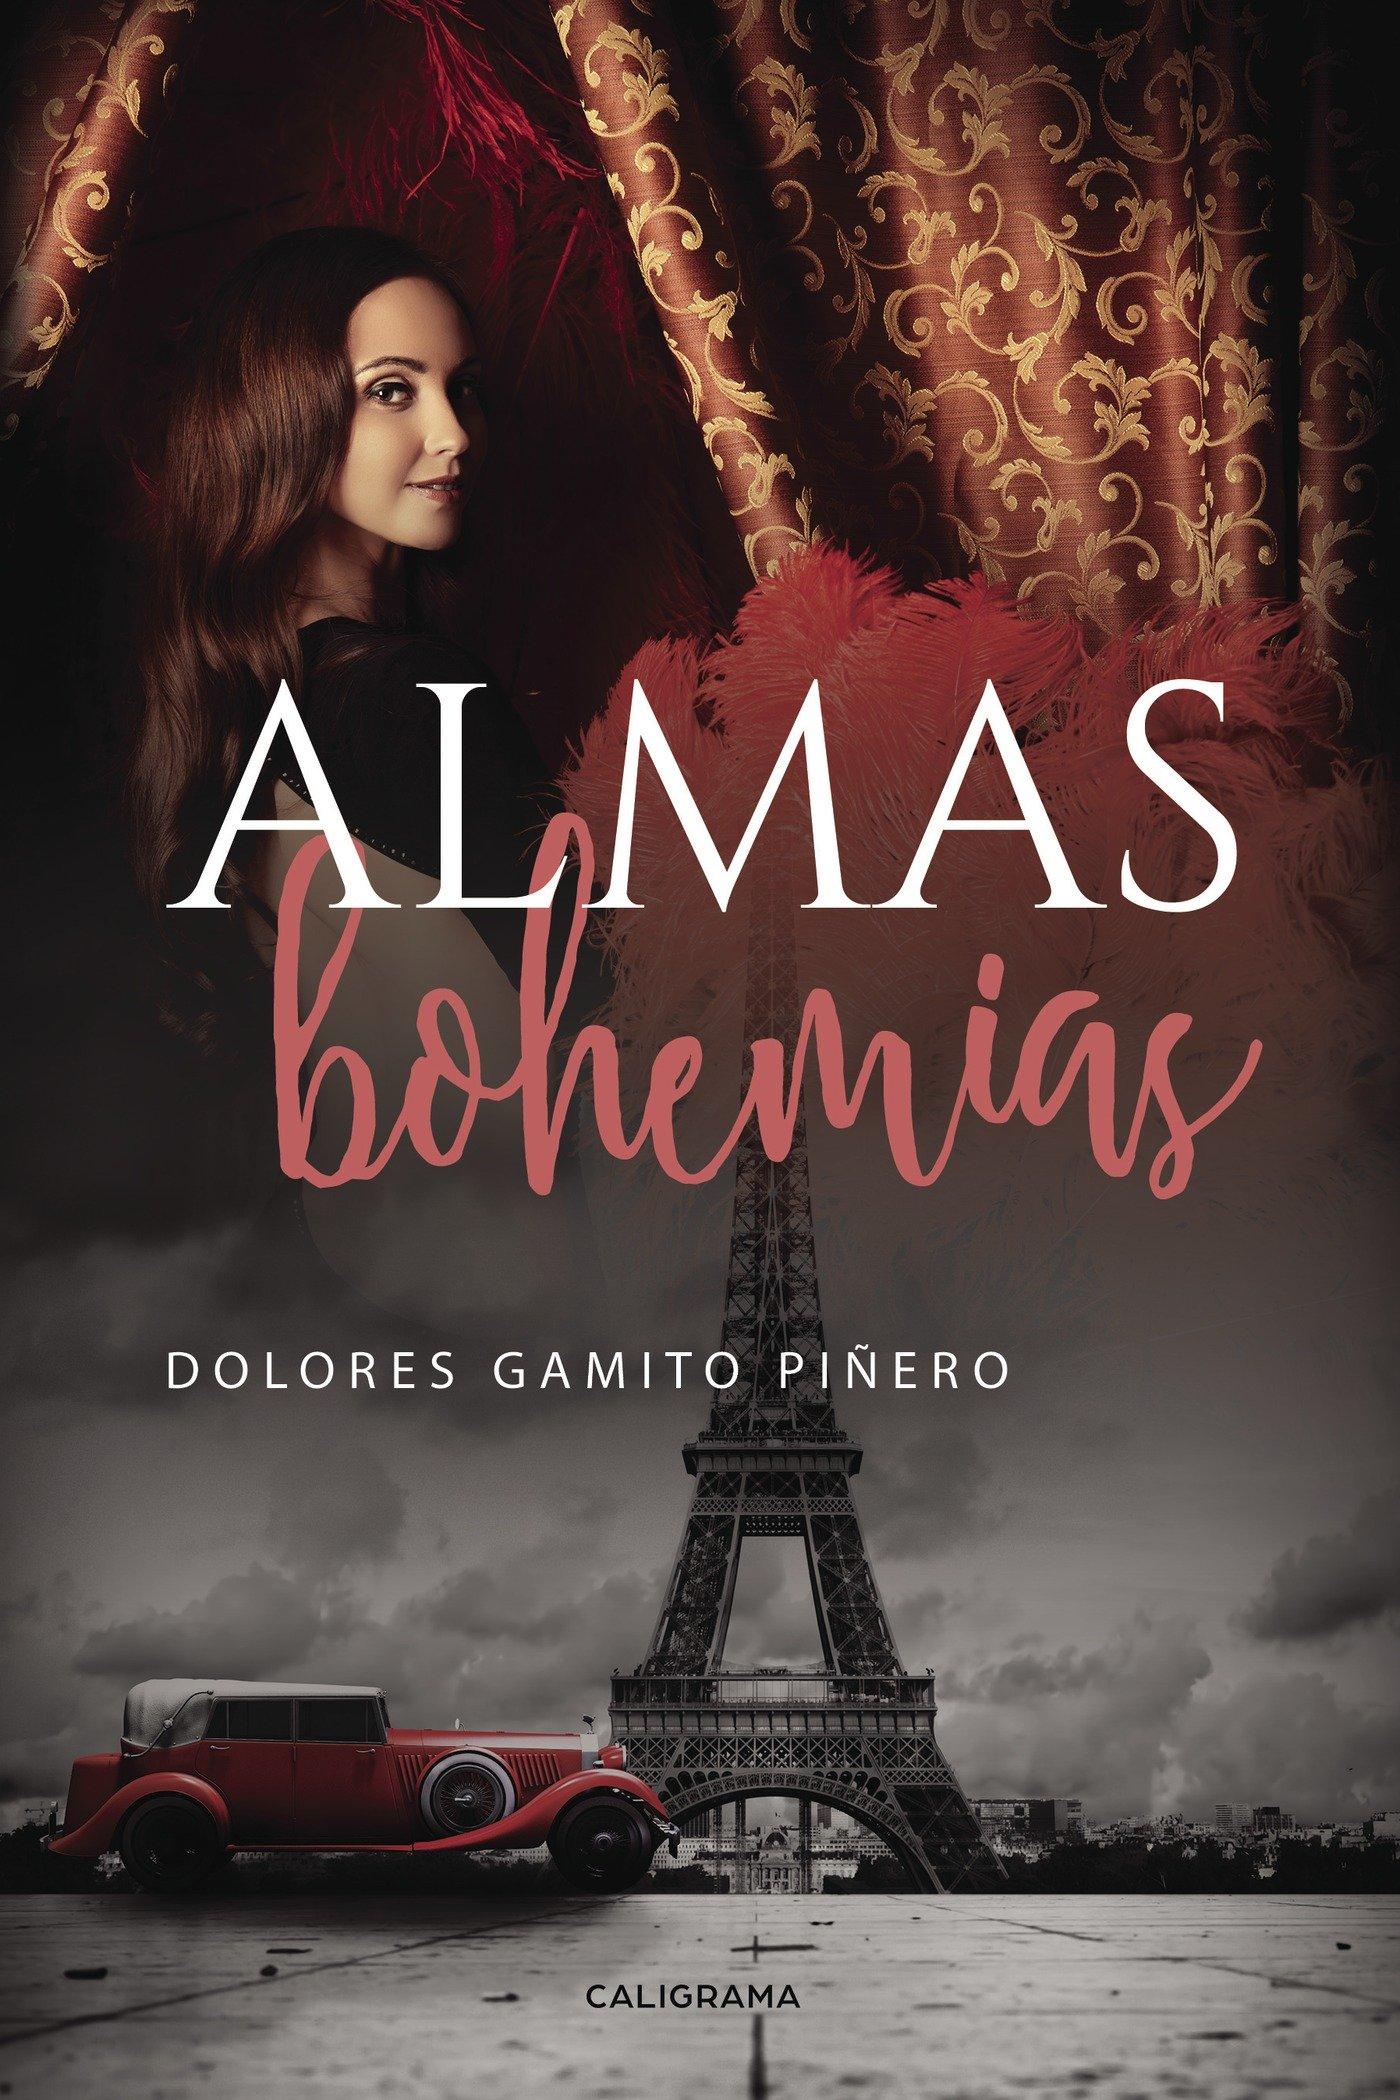 Almas bohemias (Lola Gamito Piñero, 2018)